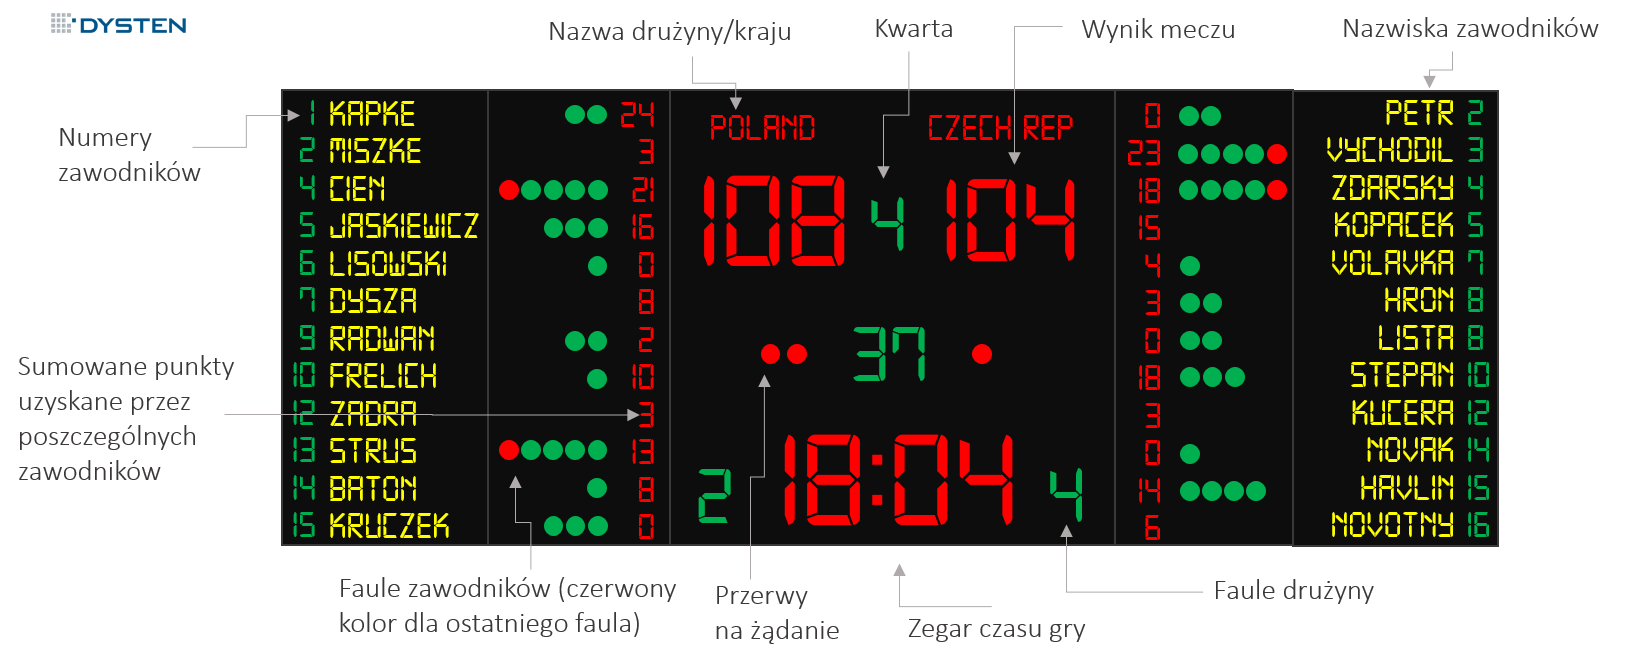 elektroniczna tablica wyników do koszykówki